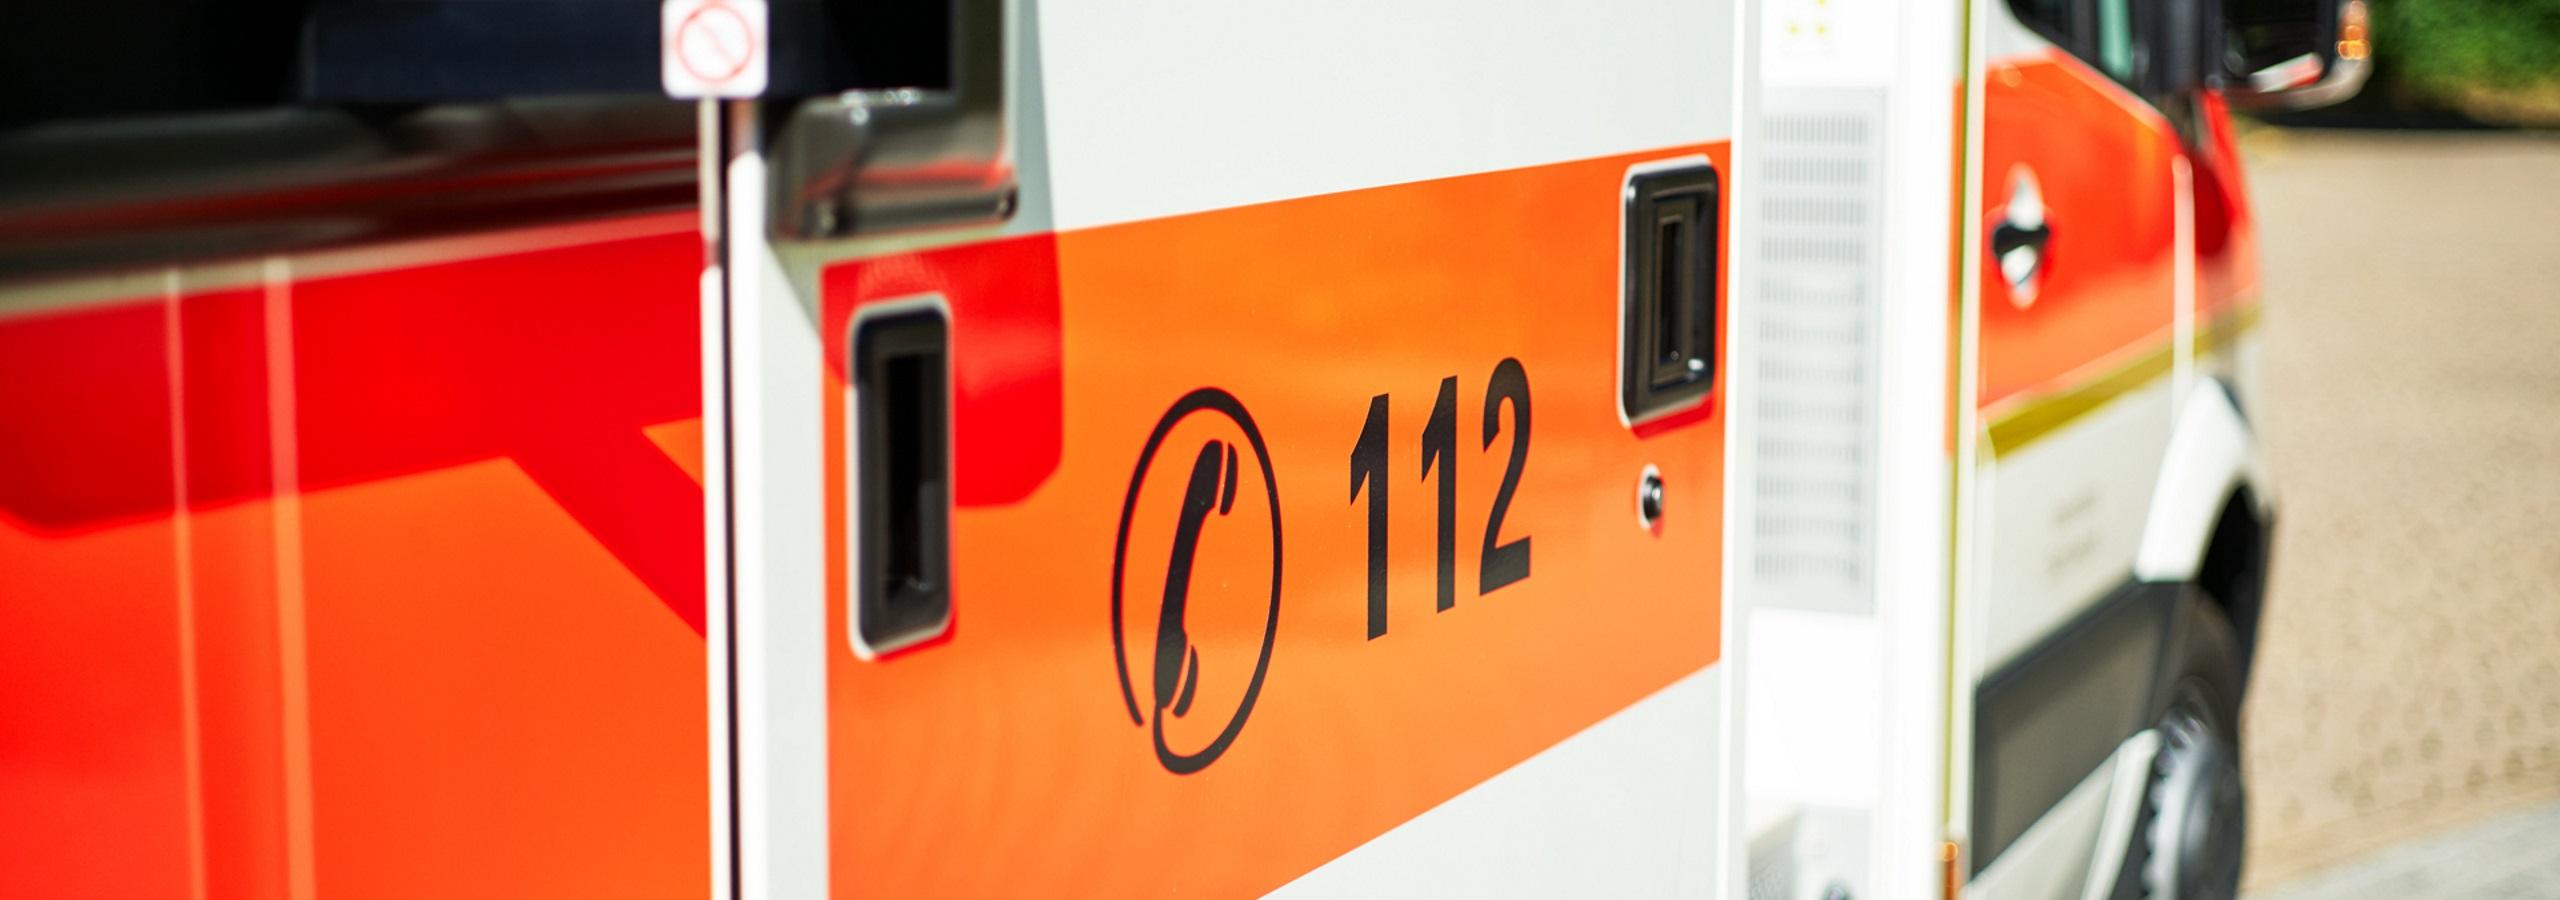 Rettungswagen, Notrufnummer 112.